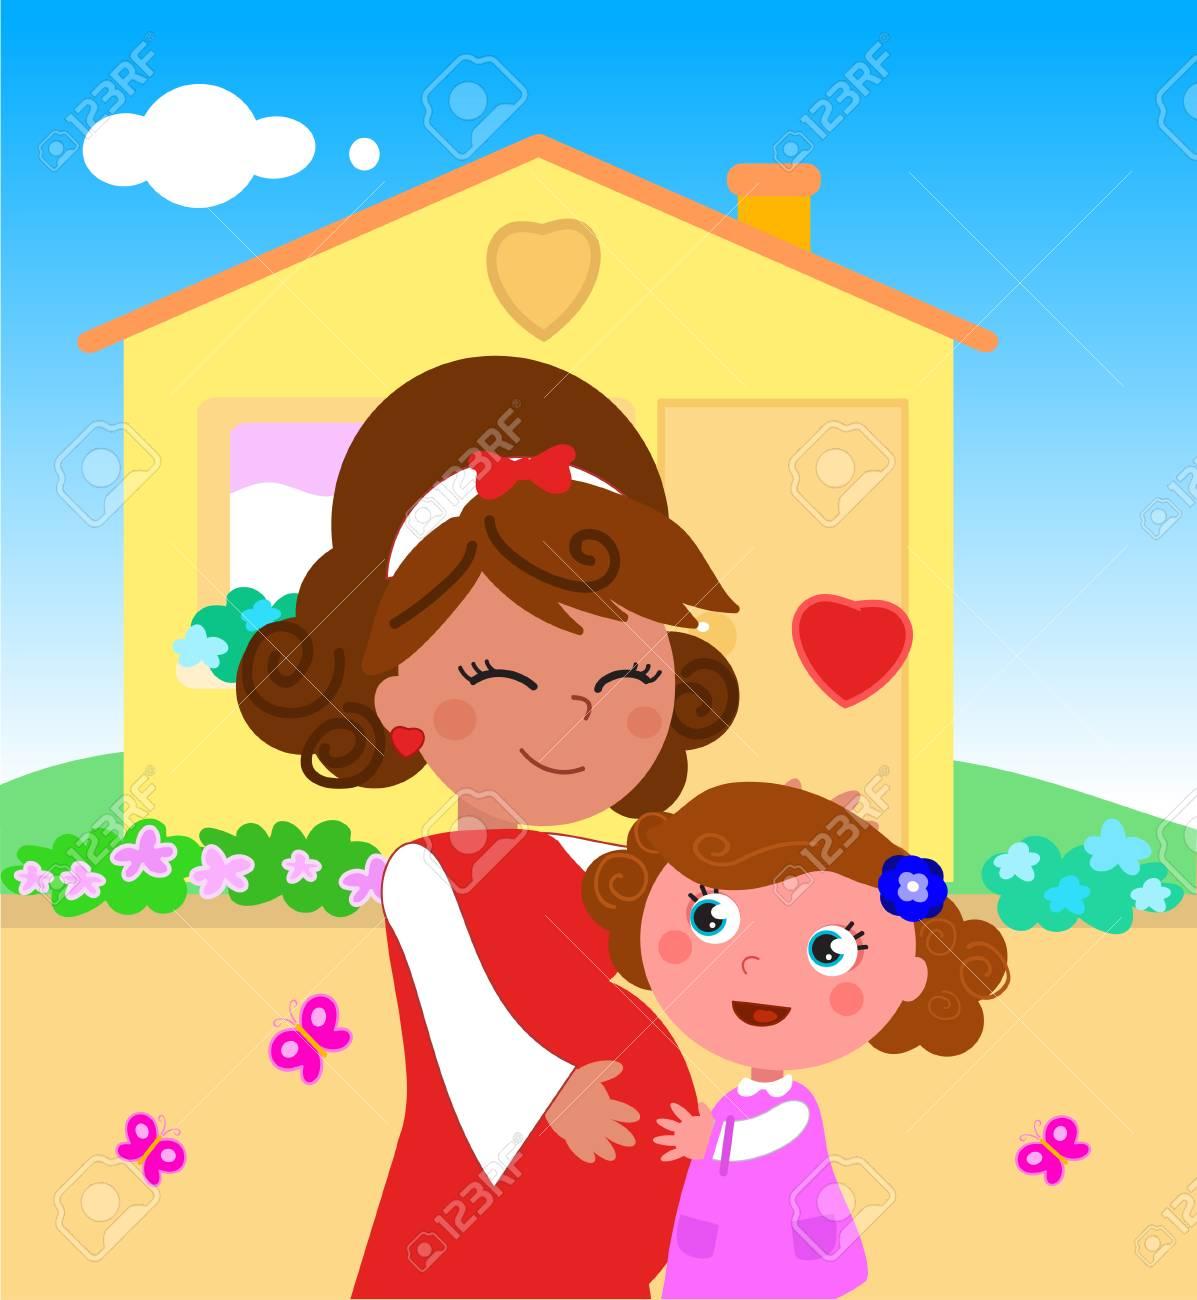 Dessin Animé Mignon Maman Enceinte Et Petite Fille Illustration